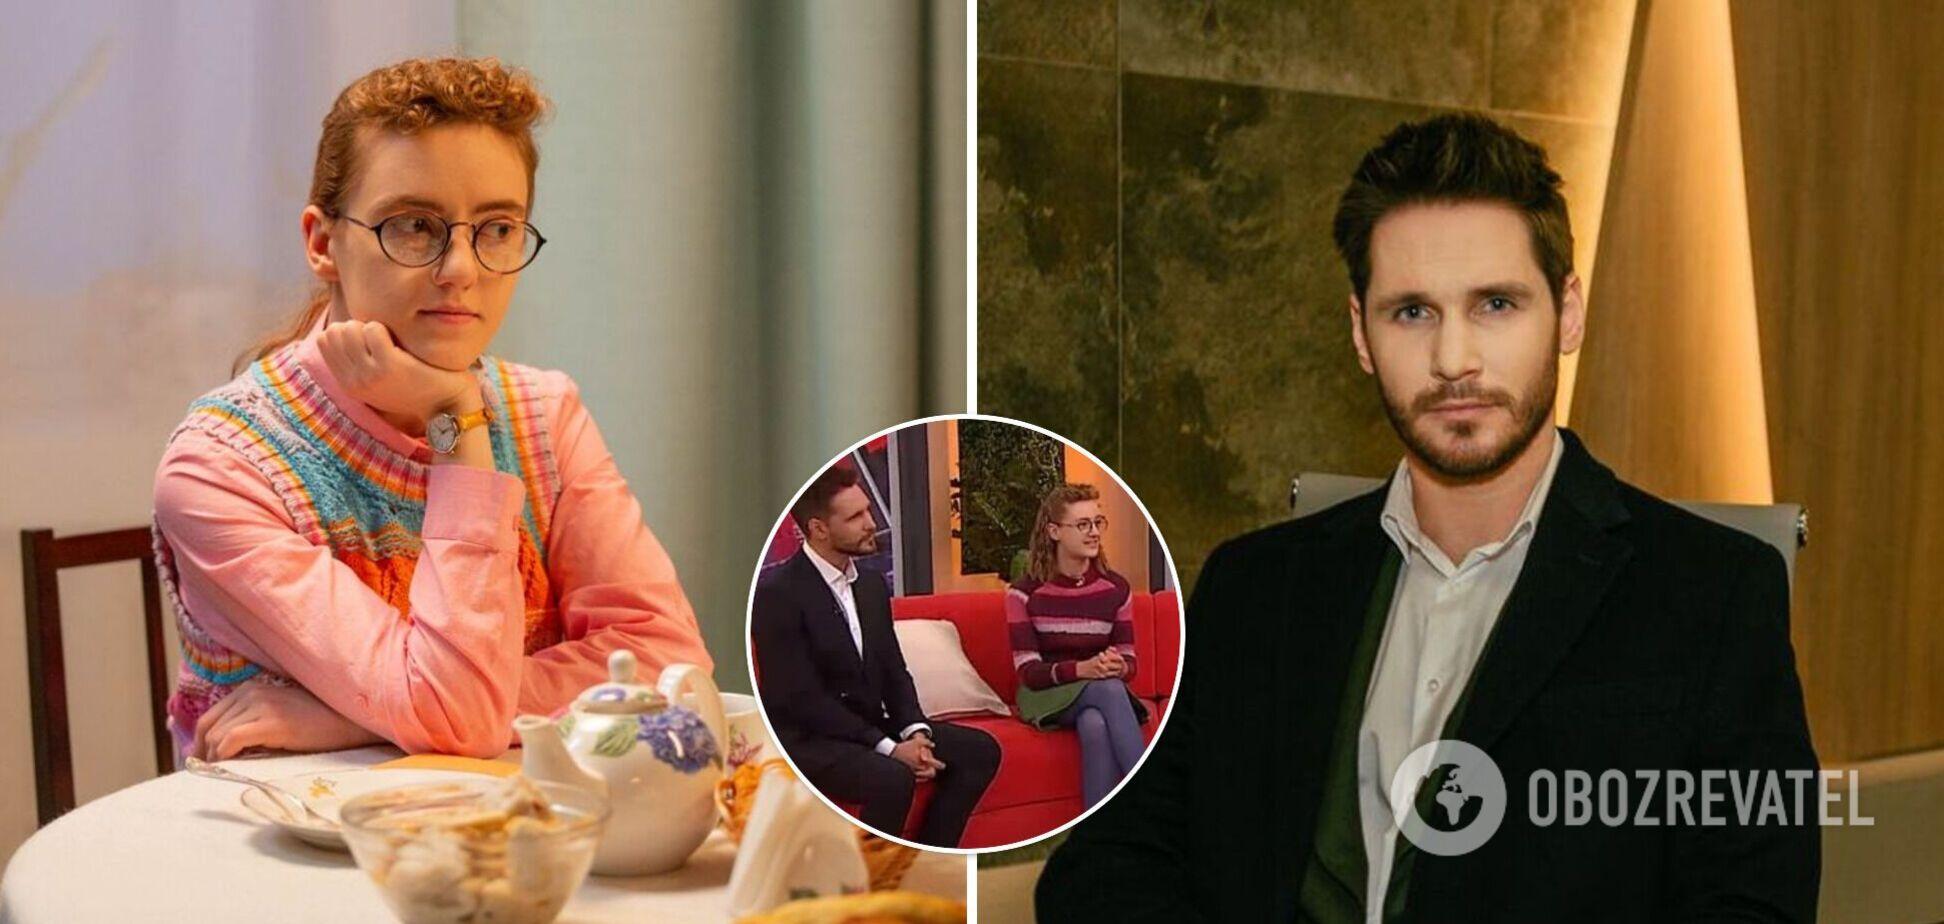 Актори серіалу 'Моя улюблена Страшко' відповіли на чутки про роман. Відео